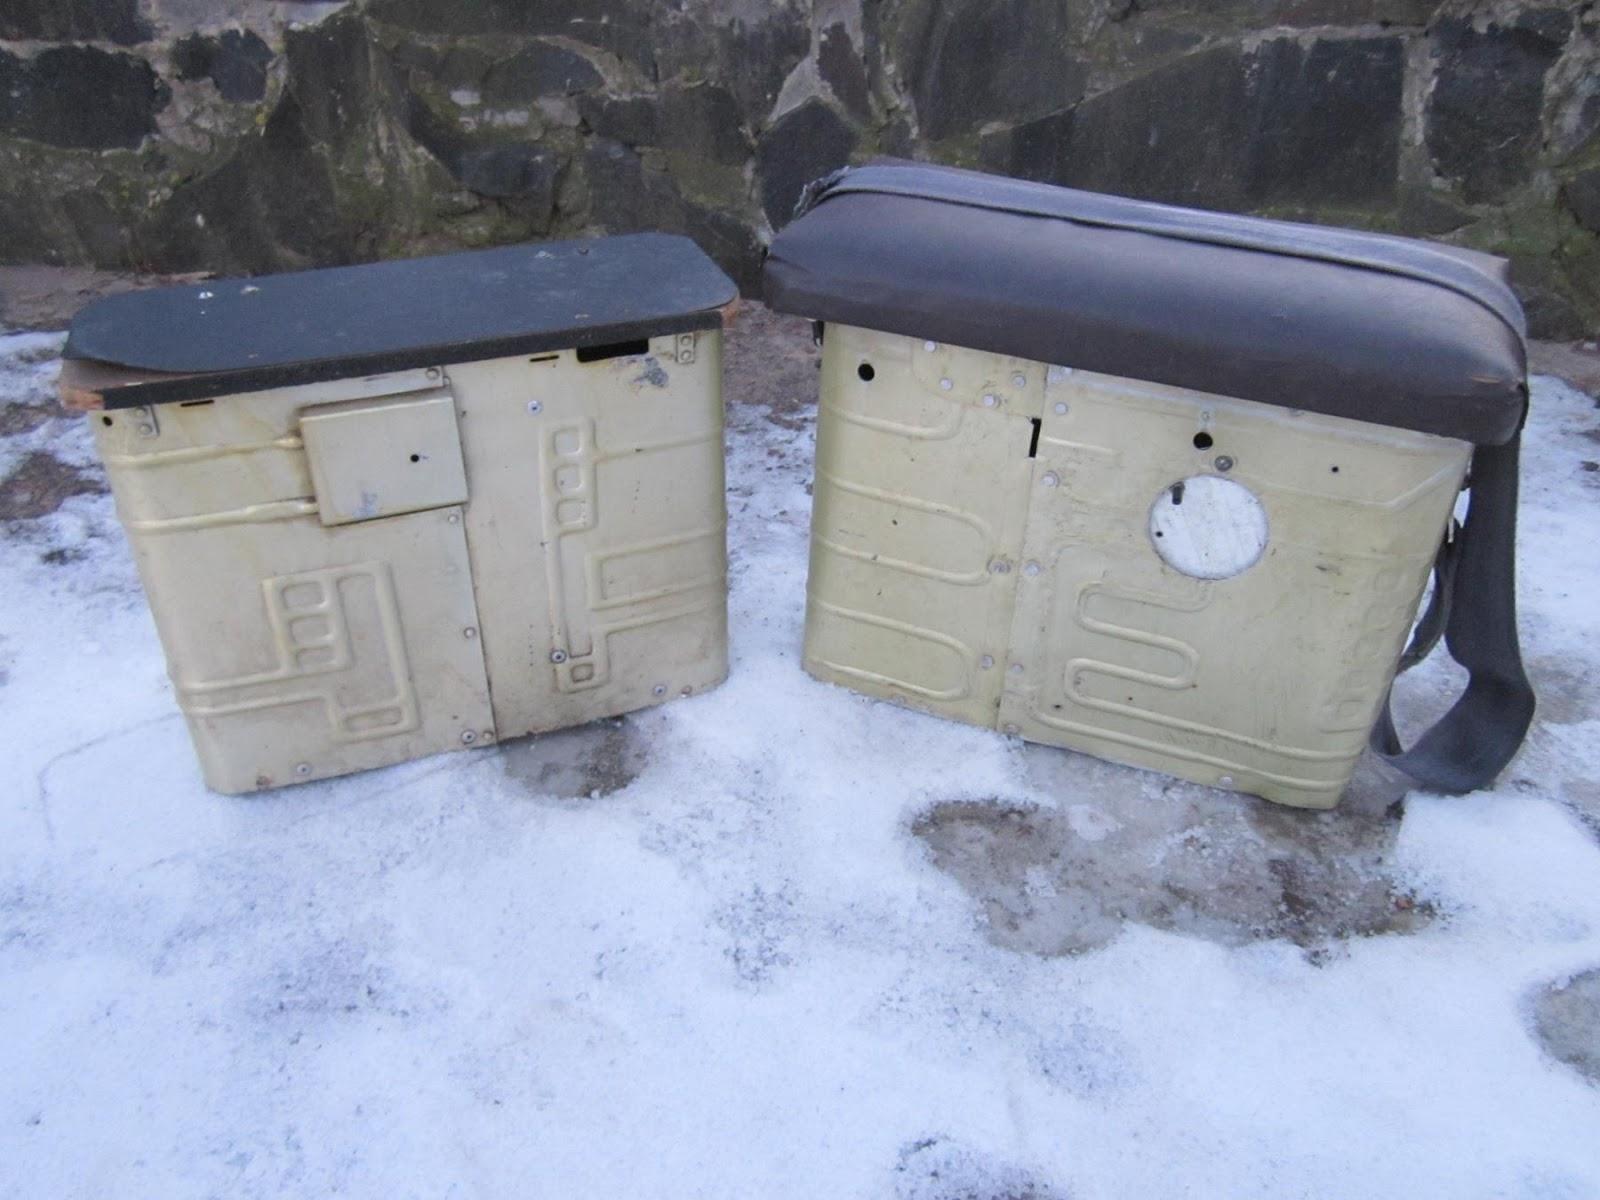 Ящик для зимней из морозильной камеры рыбалки